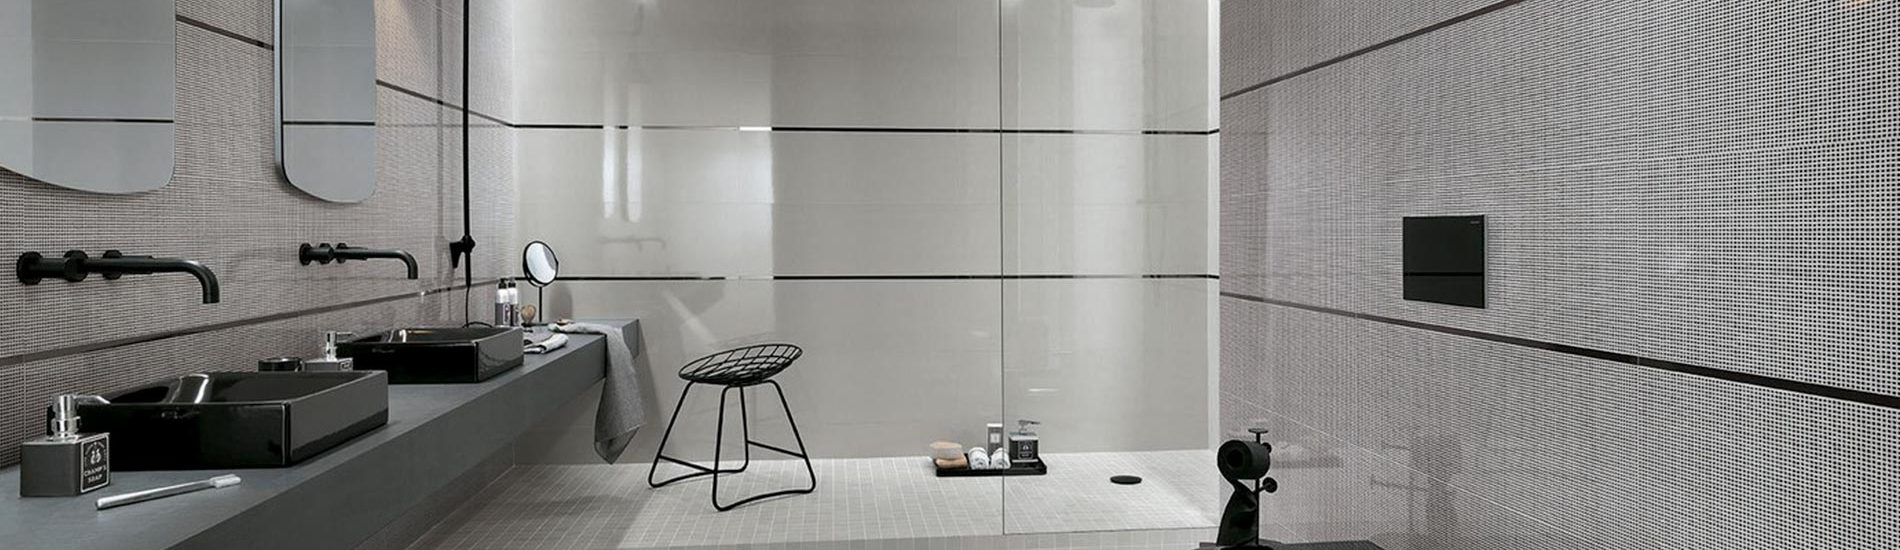 banner-pat-contemporary-italian-wall-tile-ceramiche-fap-anaheim